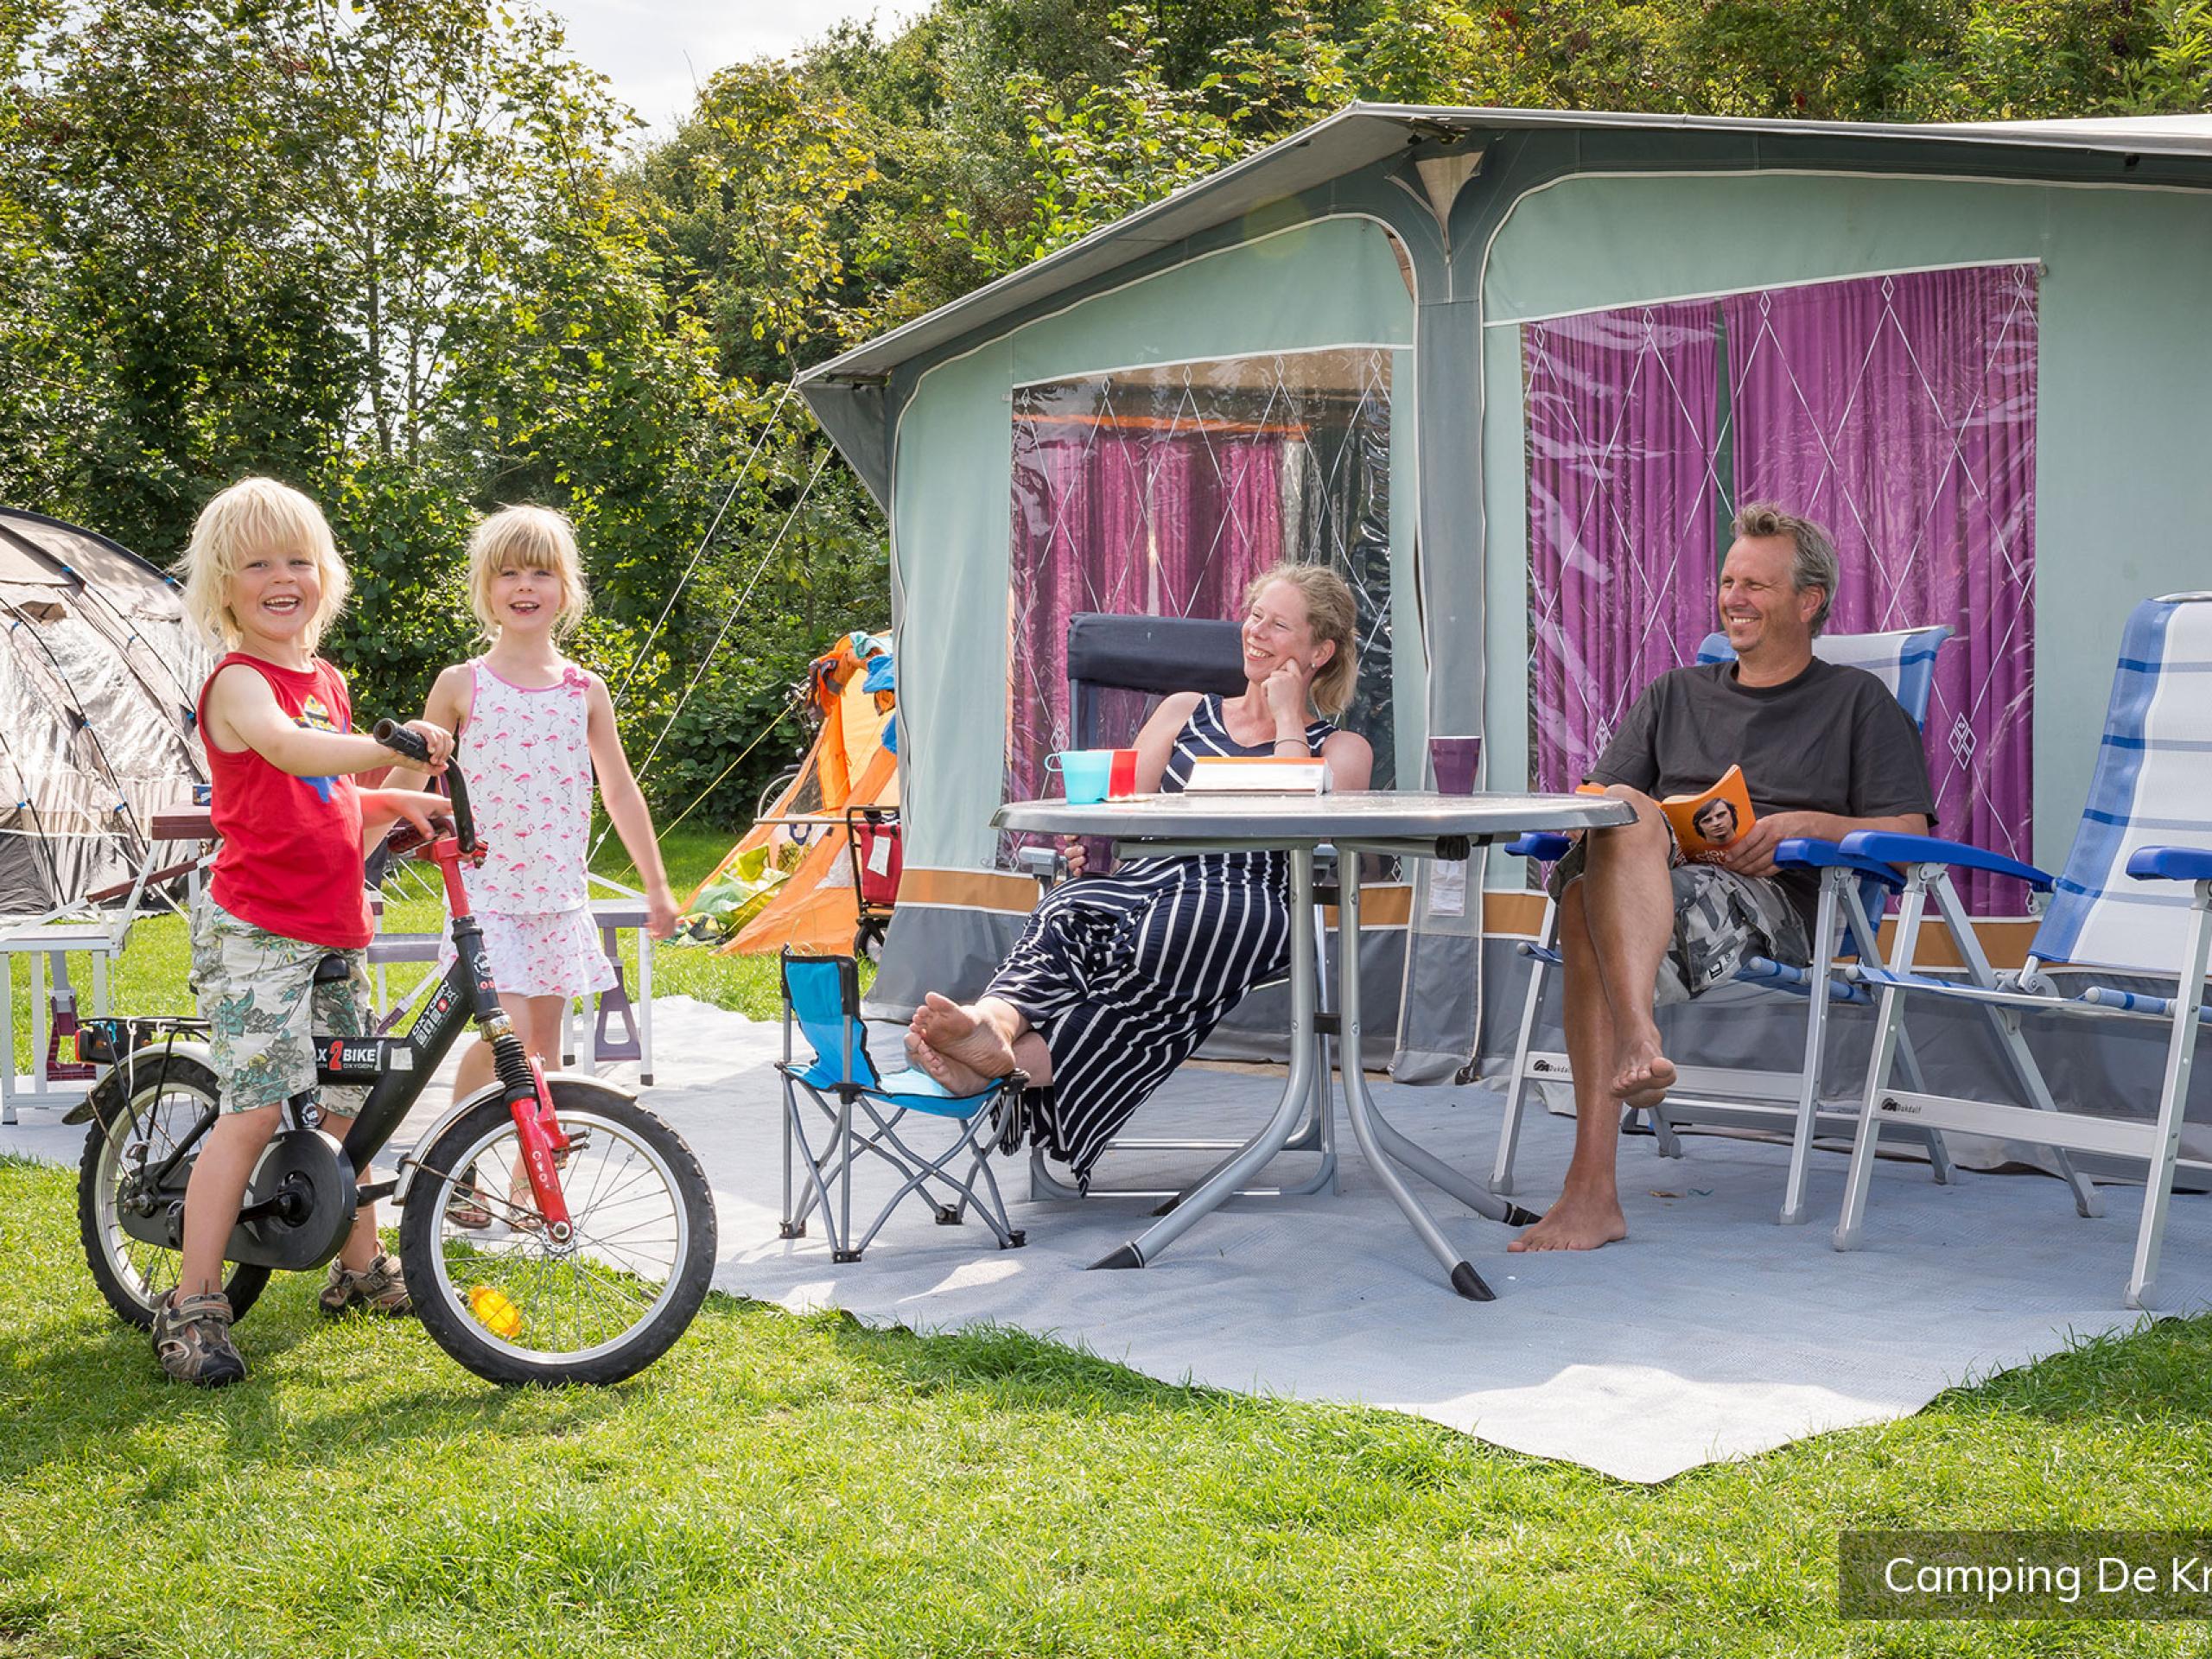 Stellplatz auf gut eingerichtetem Campingplatz bei De Cocksdorp